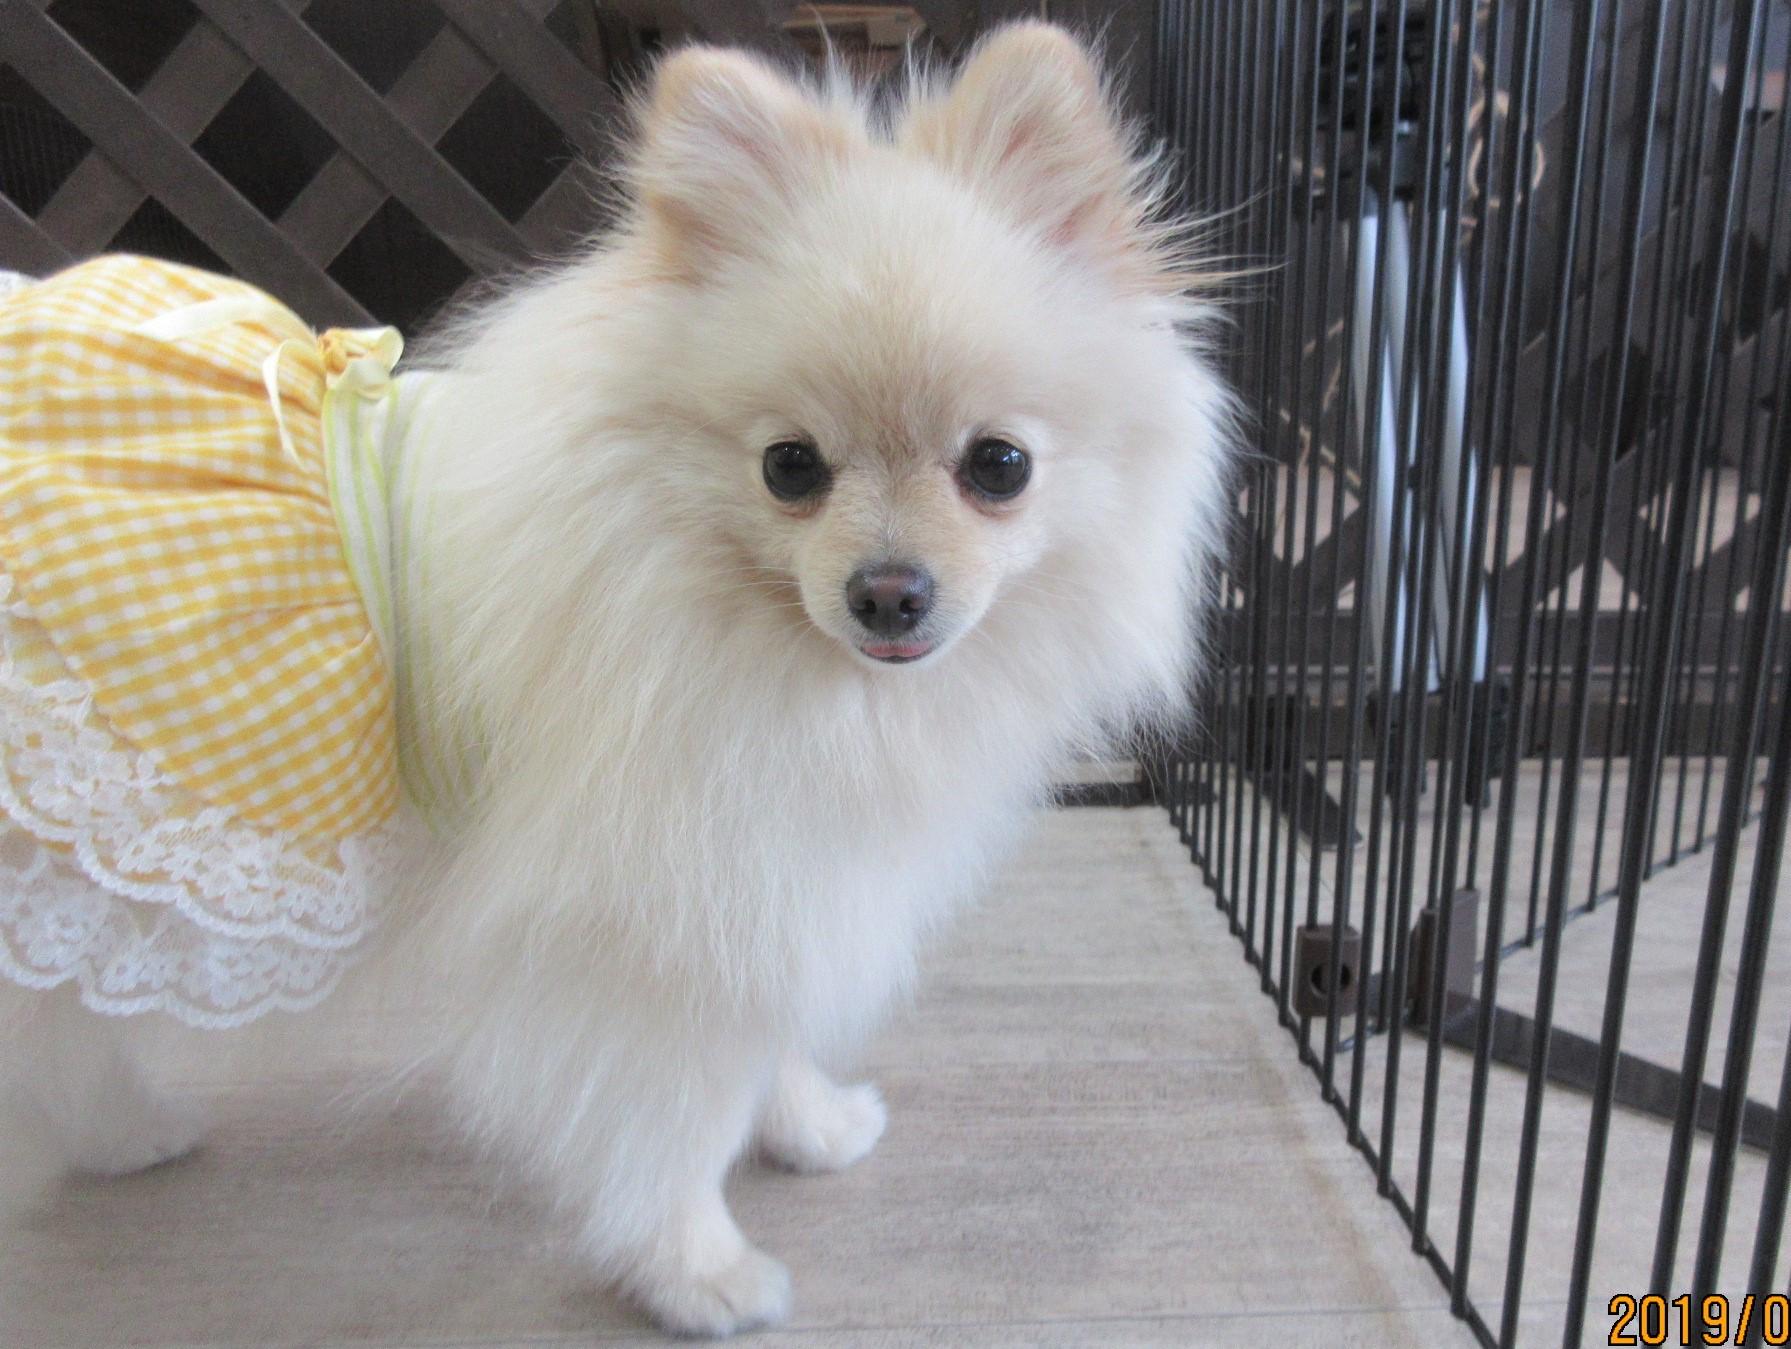 リンちゃん・犬の保育園Baby・犬・犬のしつけ・犬の社会化